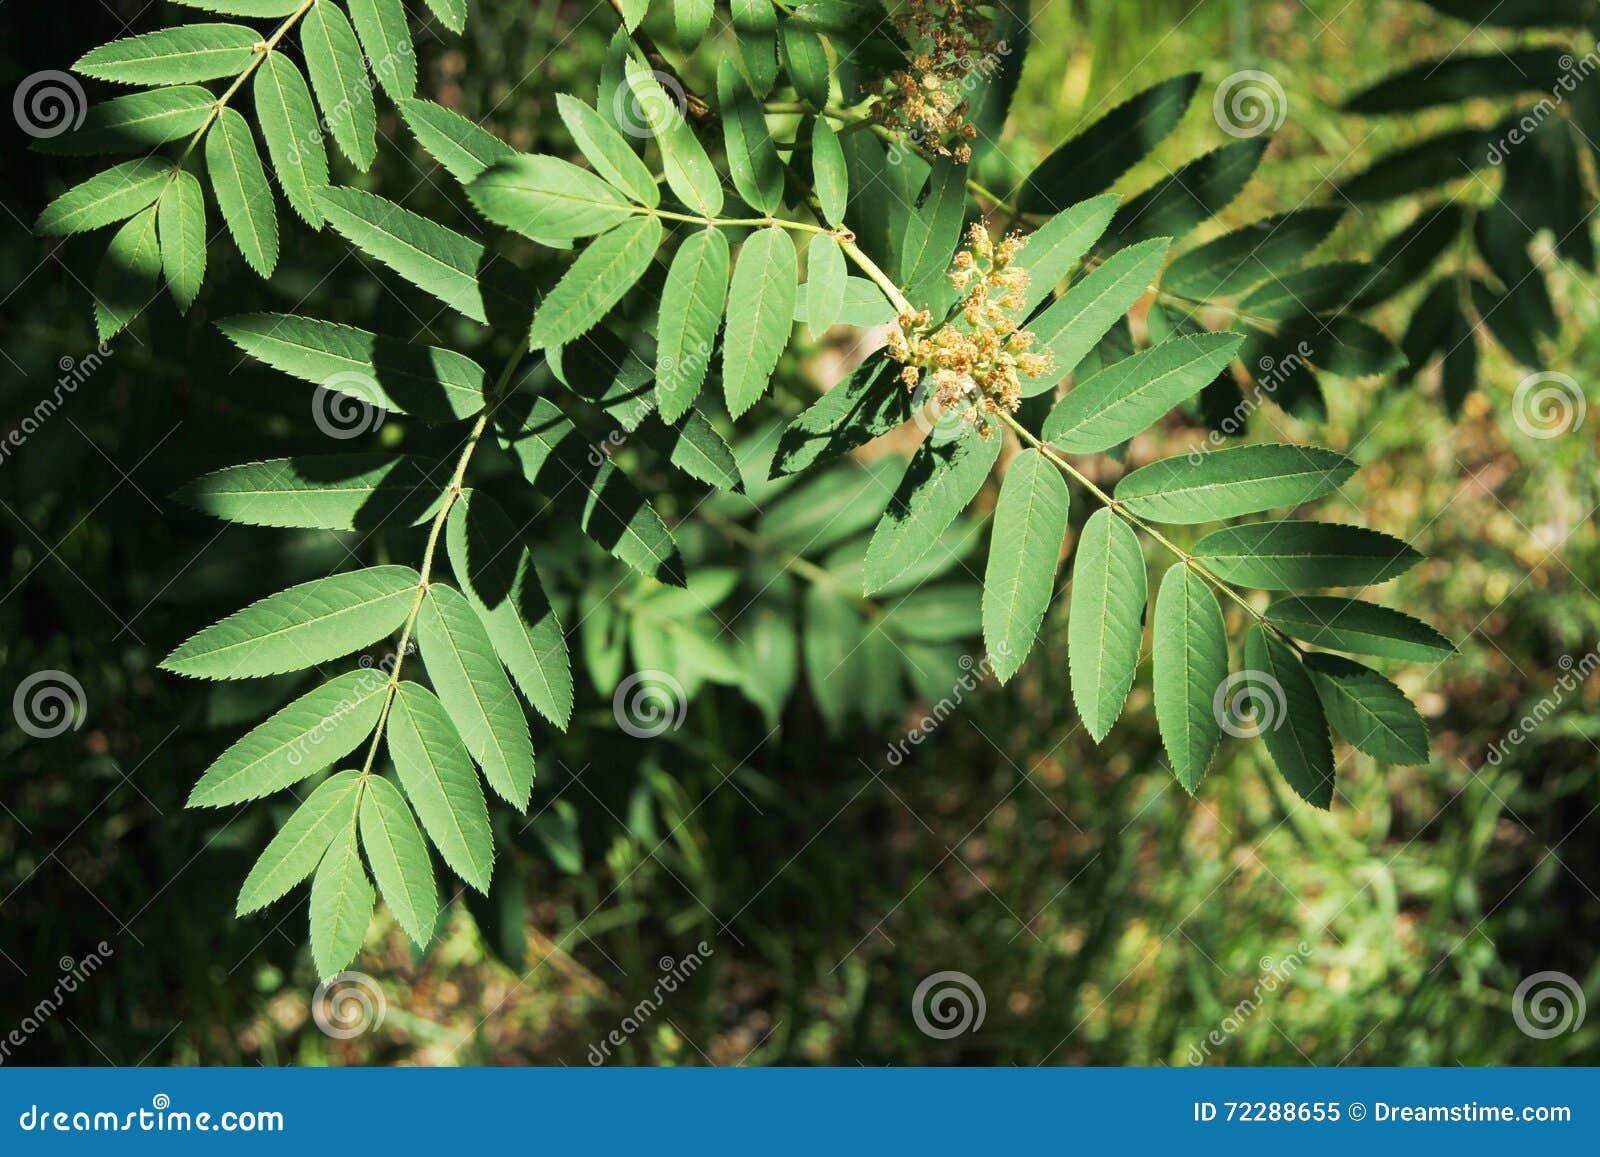 Download листья зеленого цвета стоковое изображение. изображение насчитывающей вал - 72288655